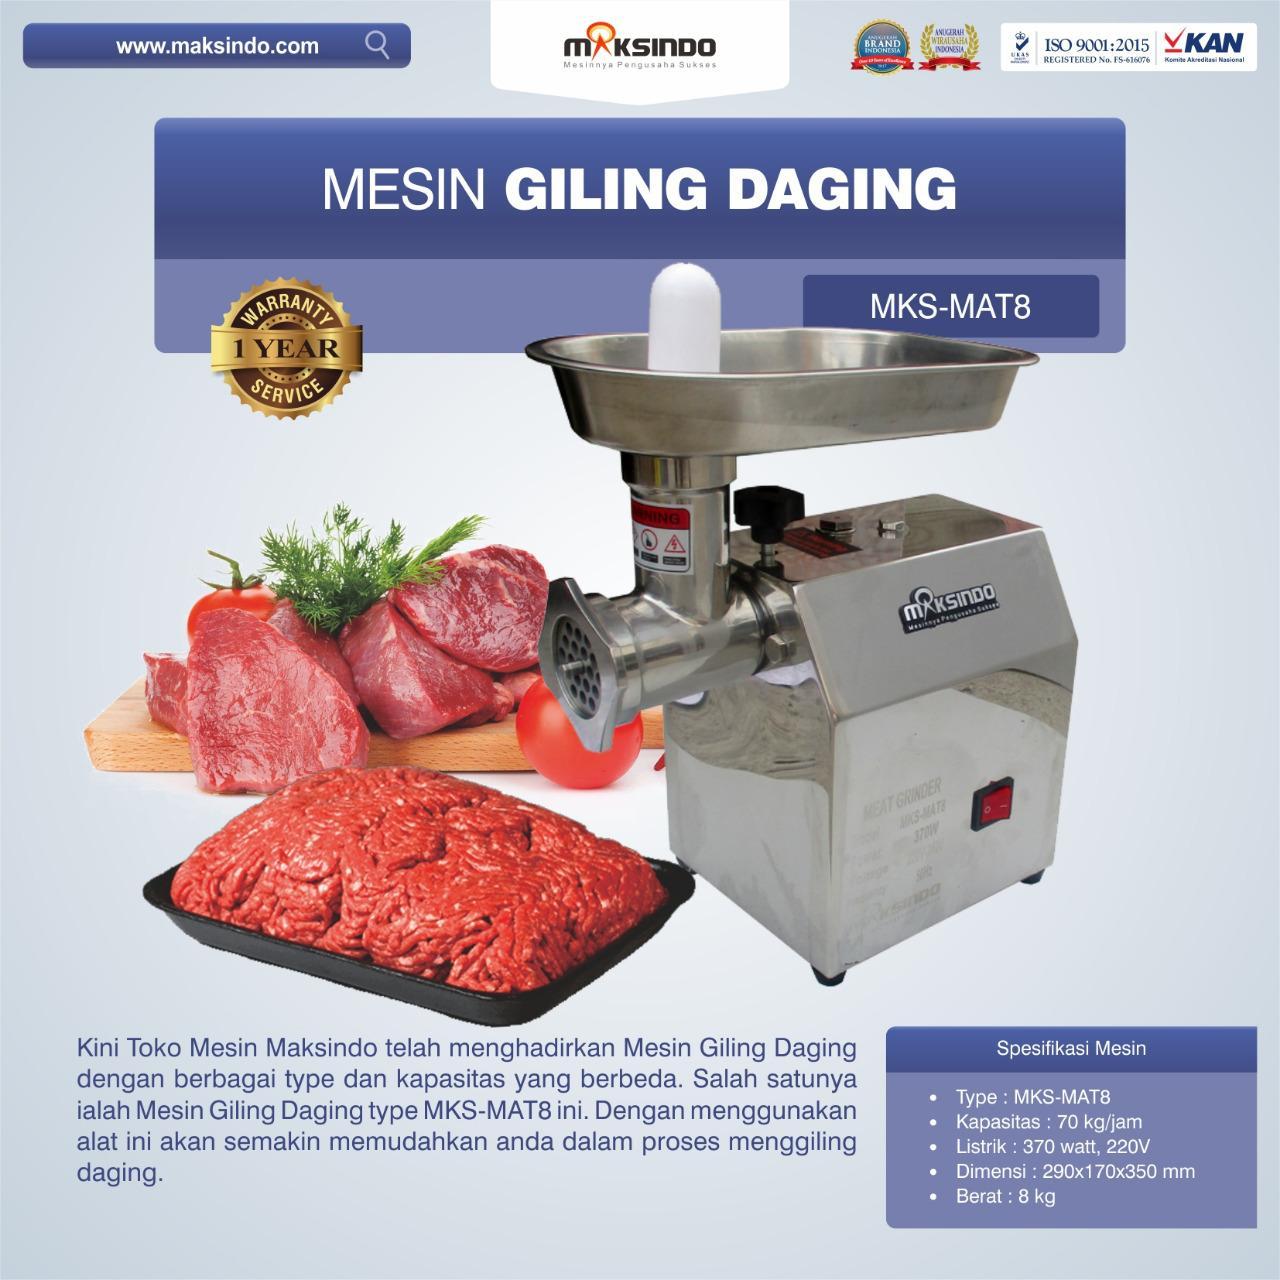 Jual Mesin Giling Daging MKS-MAT8 di Bekasi